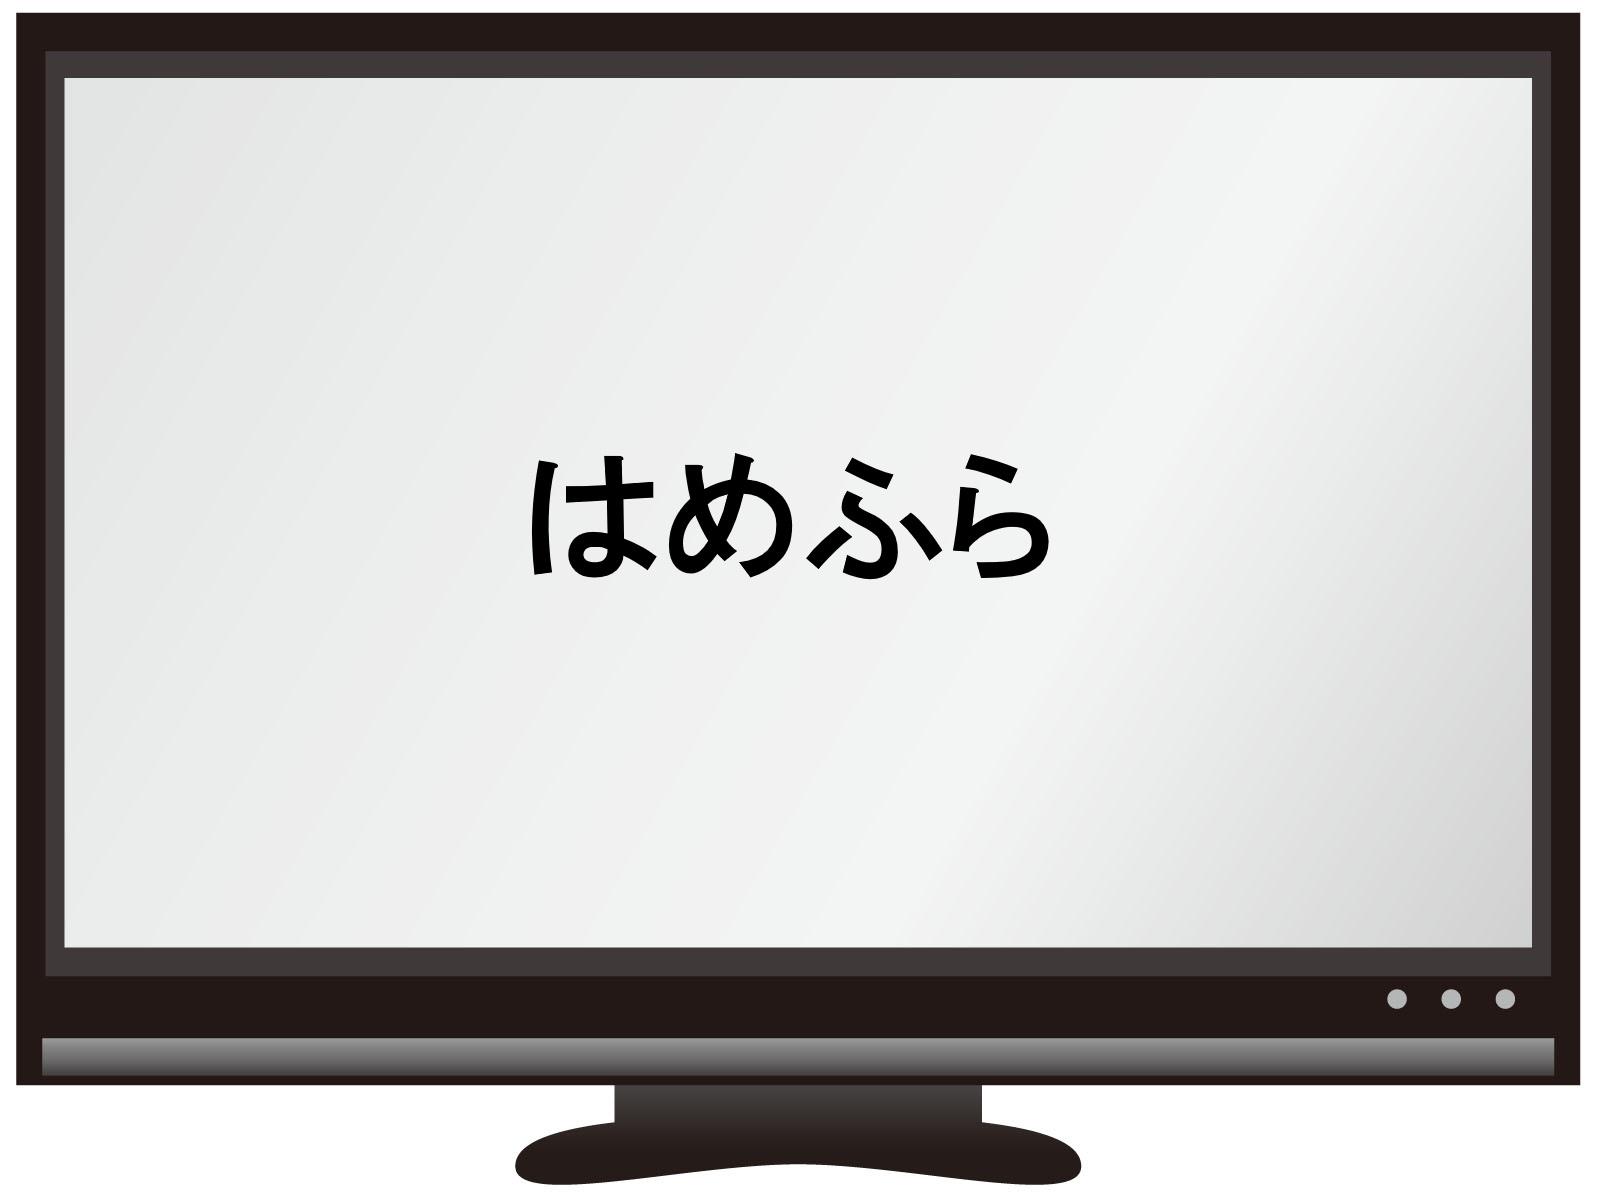 ふら 話 はめ 感想 7